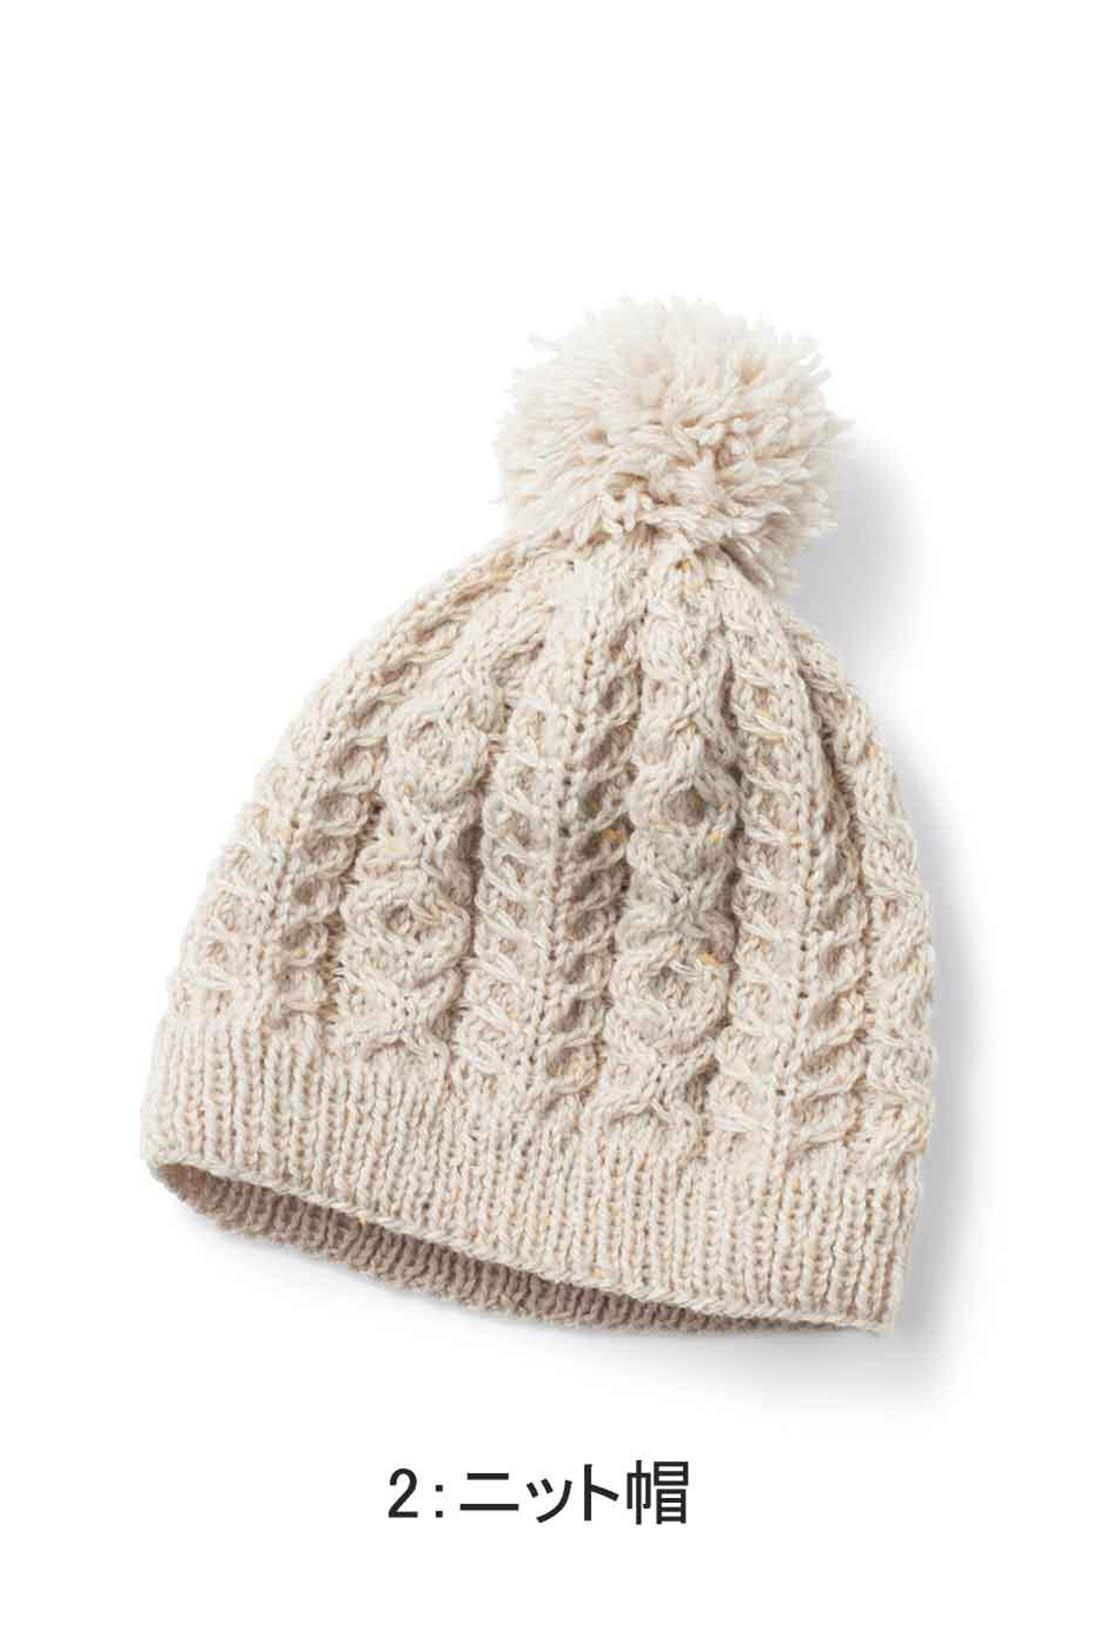 ニット帽(深さ約24cm)